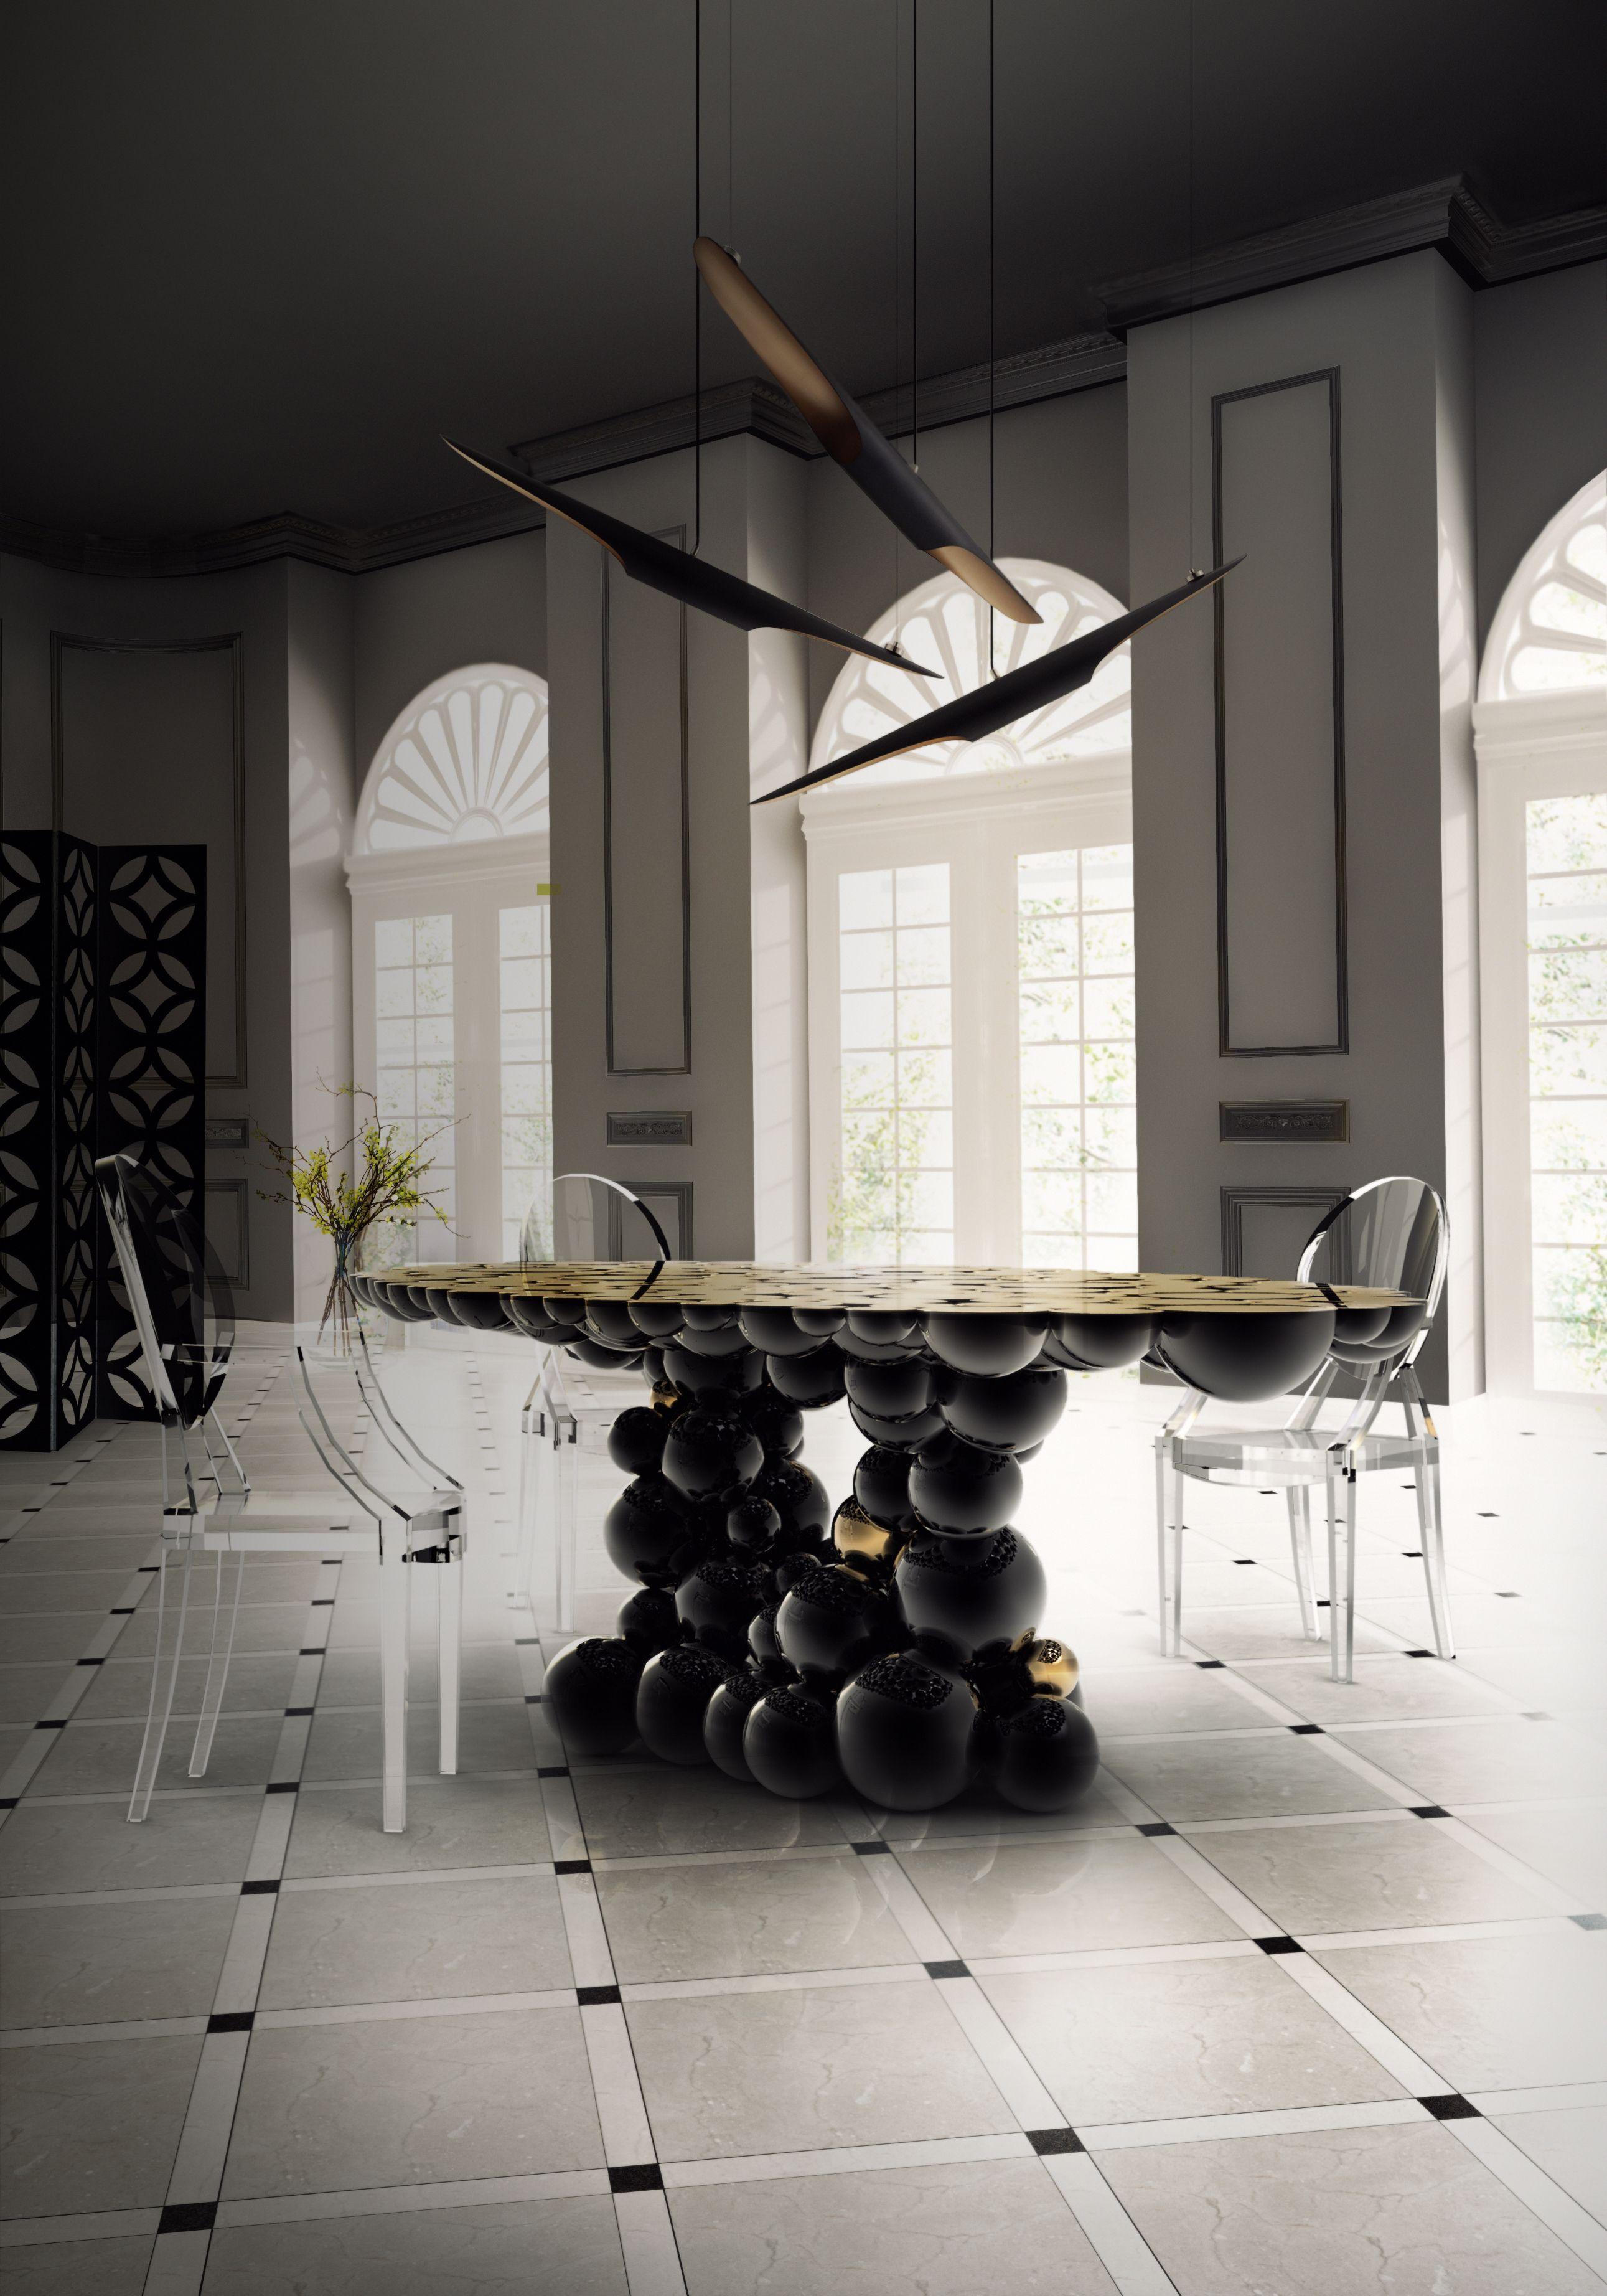 Modernen Stil | Luxus Möbel | Www.wohnenmitklassikern.com